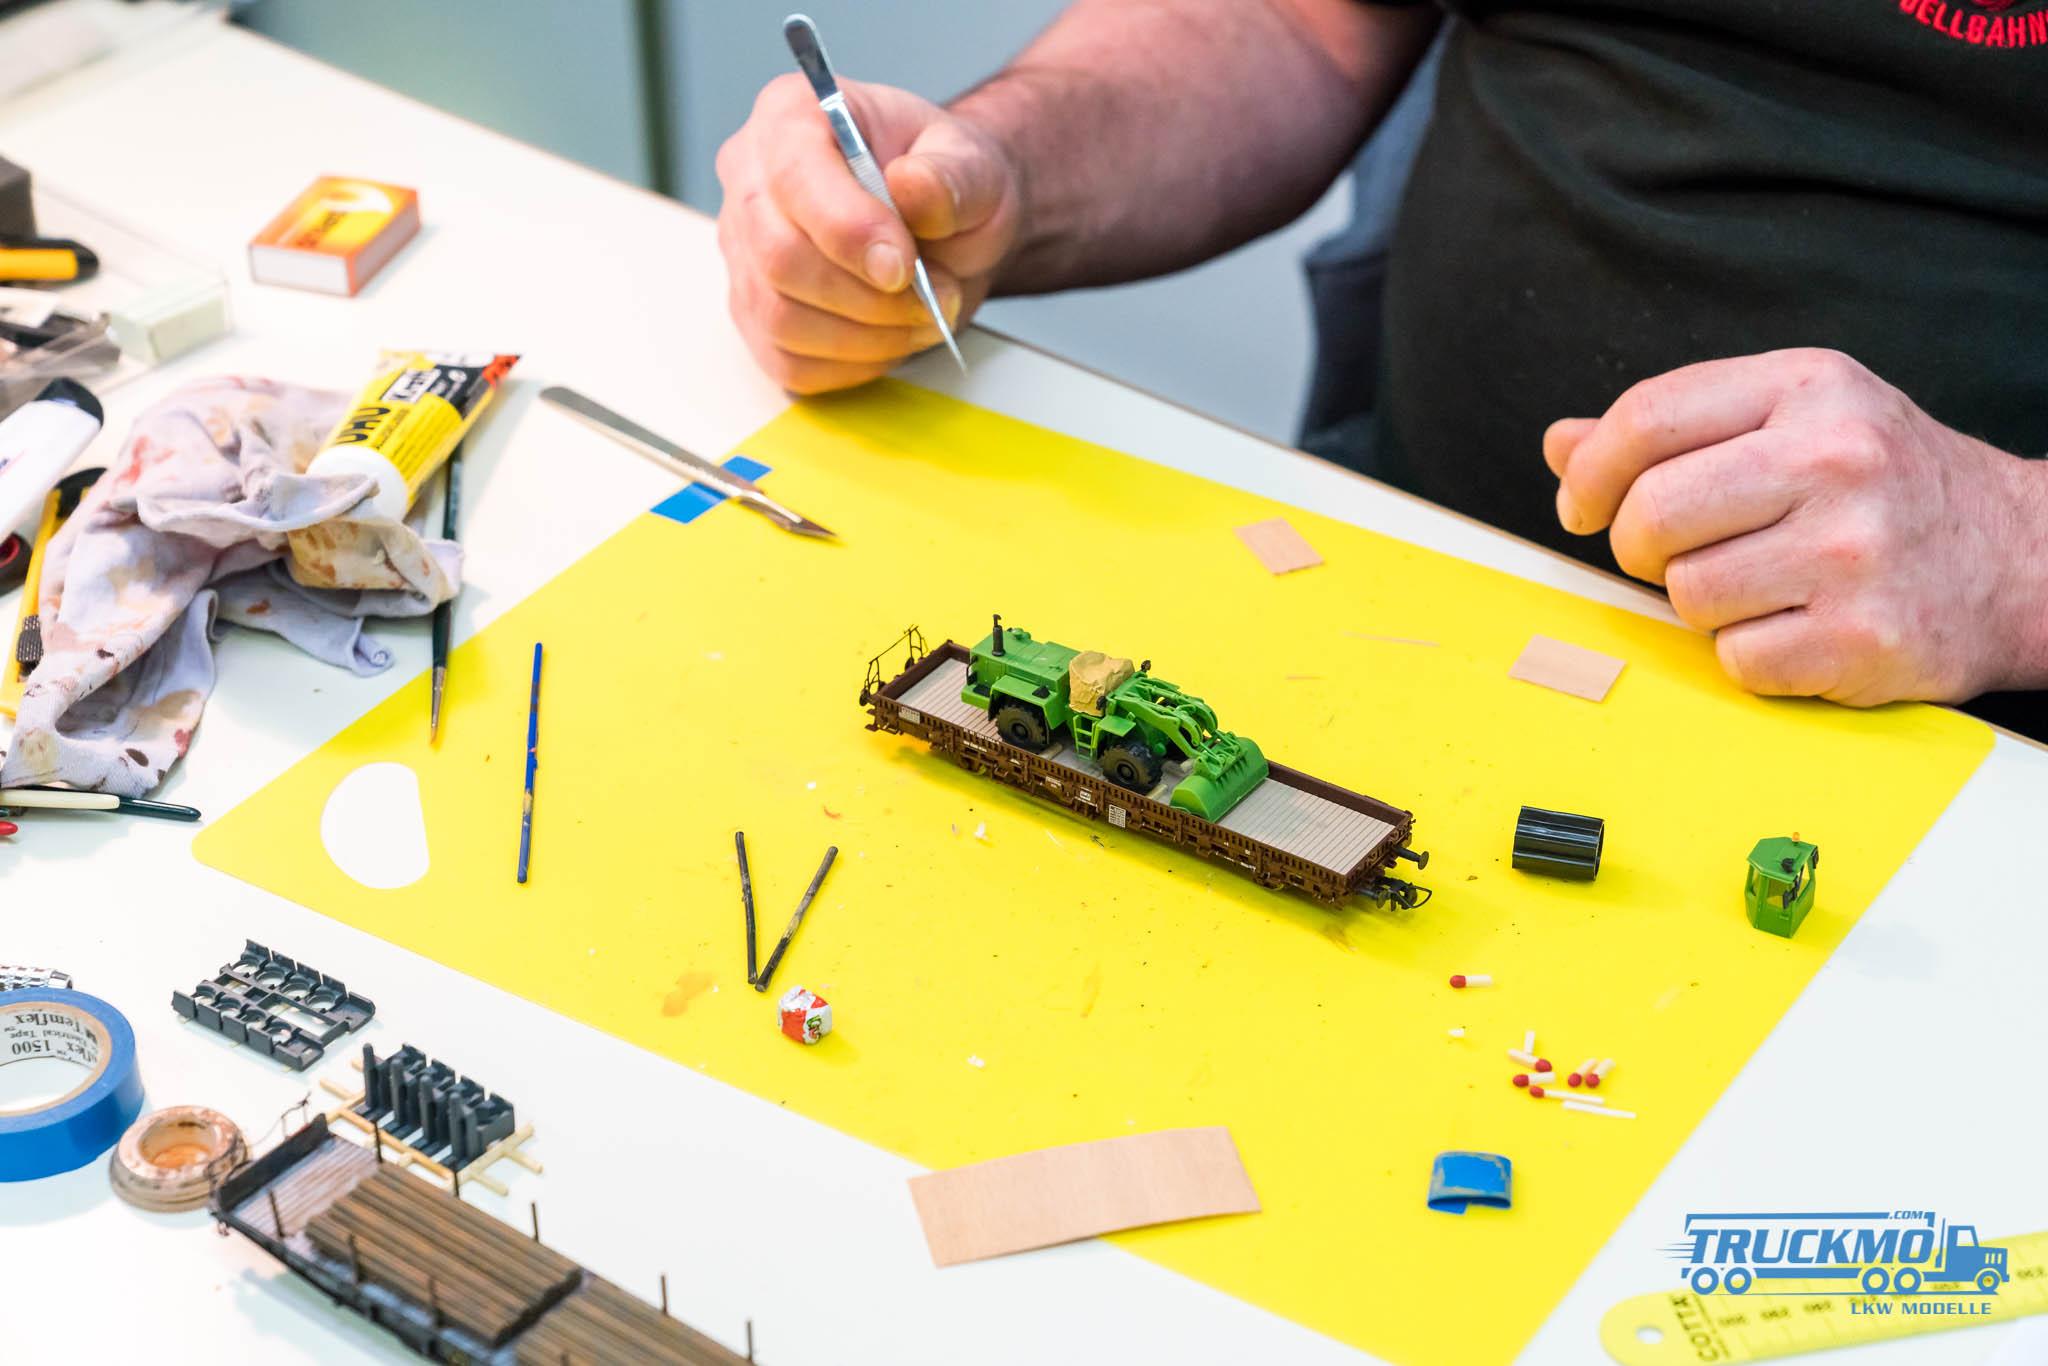 Truckmo_Modellbau_Ried_2017_Herpa_Messe_Modellbauausstellung (98 von 1177)